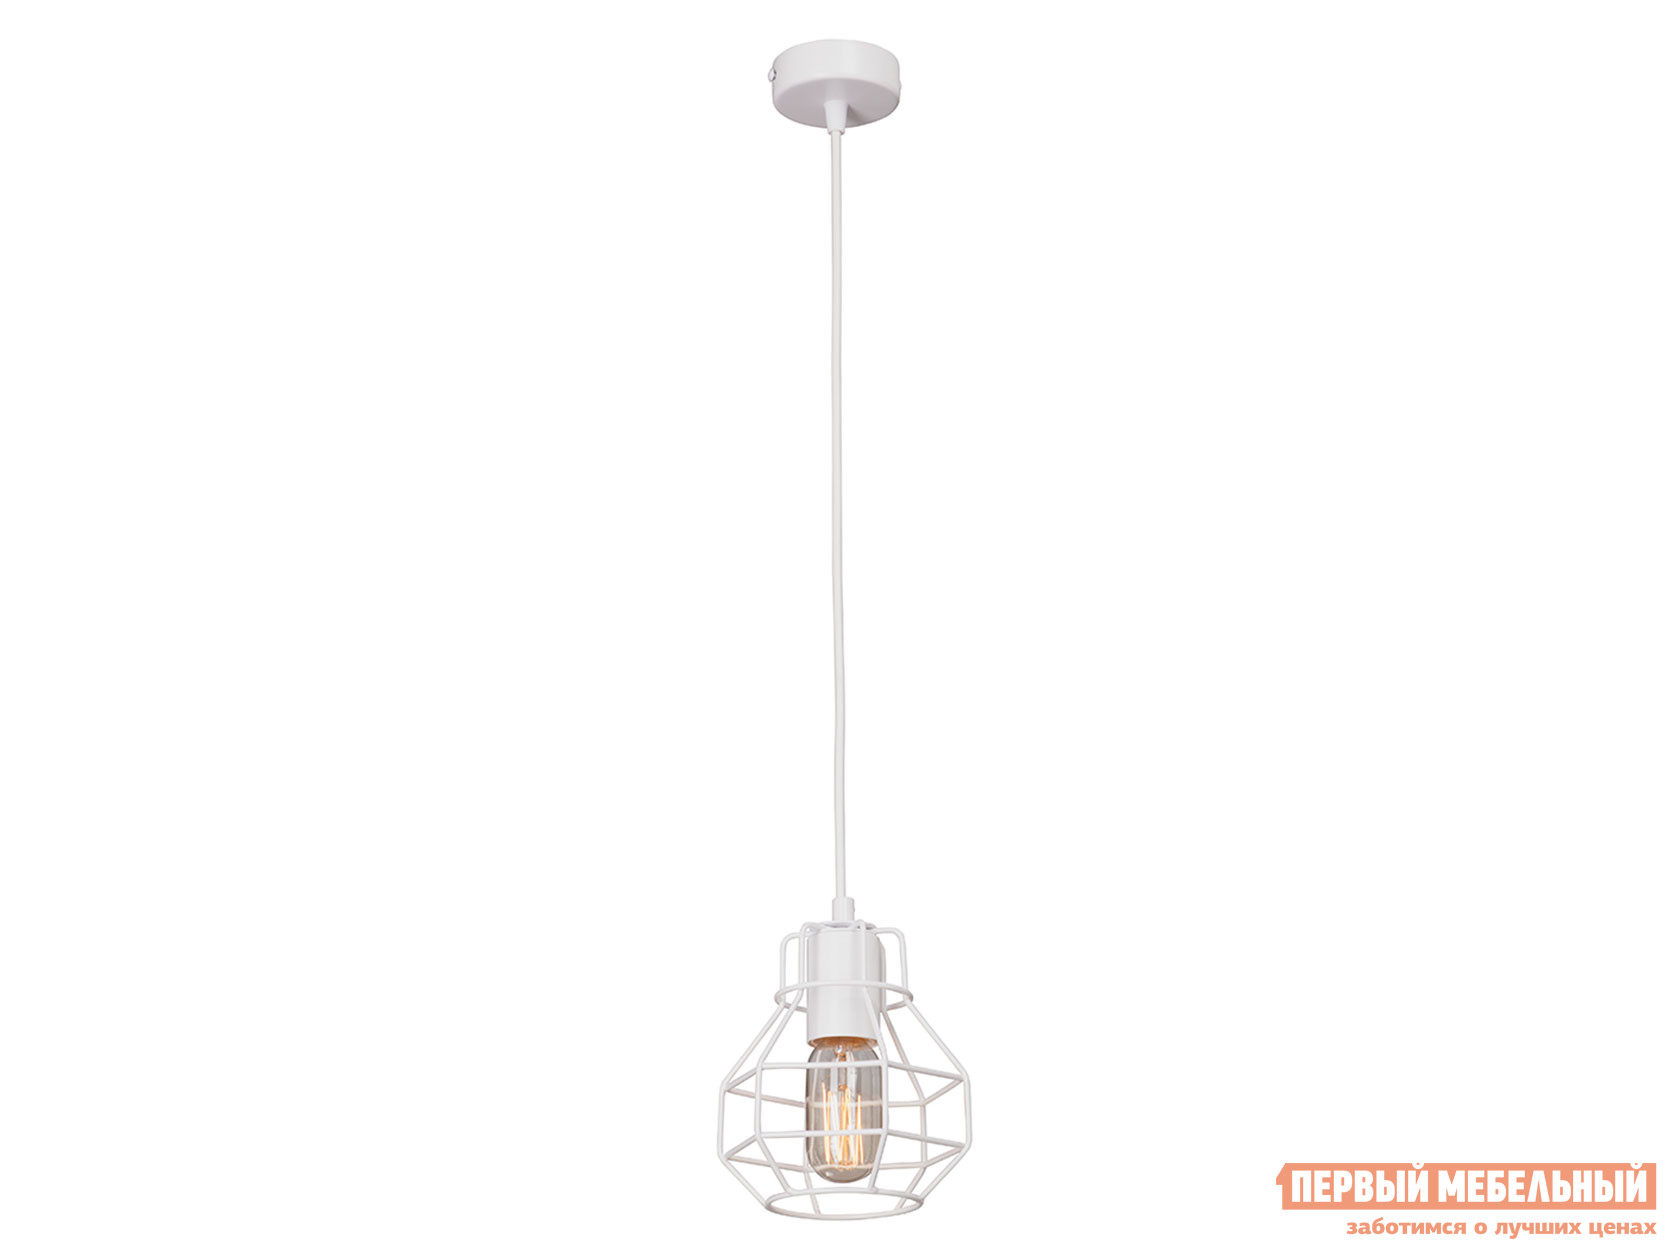 Подвесной светильник КСК-электро Люстра V4884-0/1S